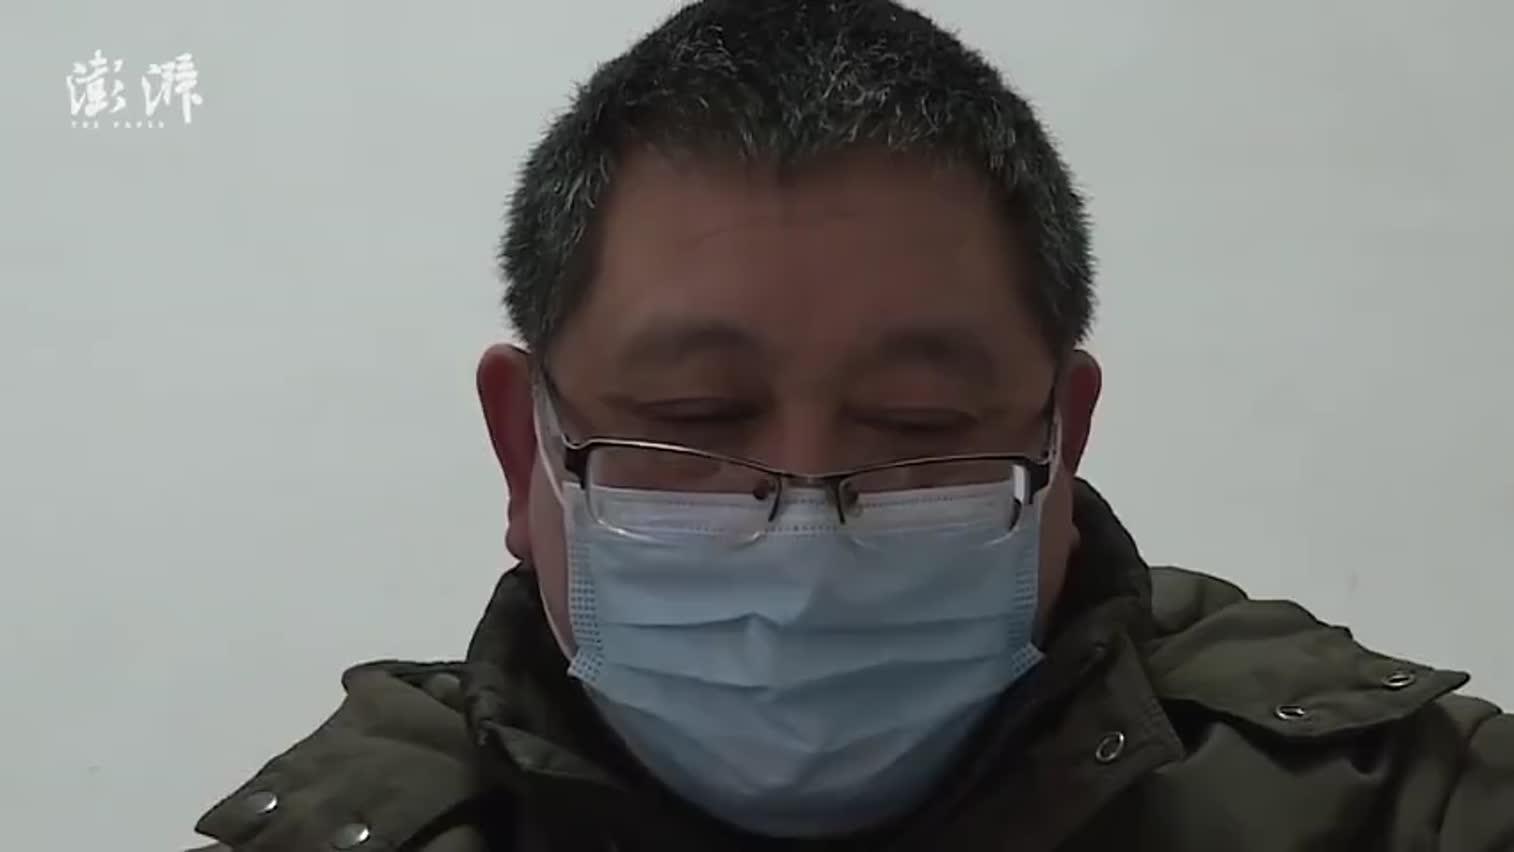 视频-湖北爸爸每天给护士女儿发红包确认平安:也让